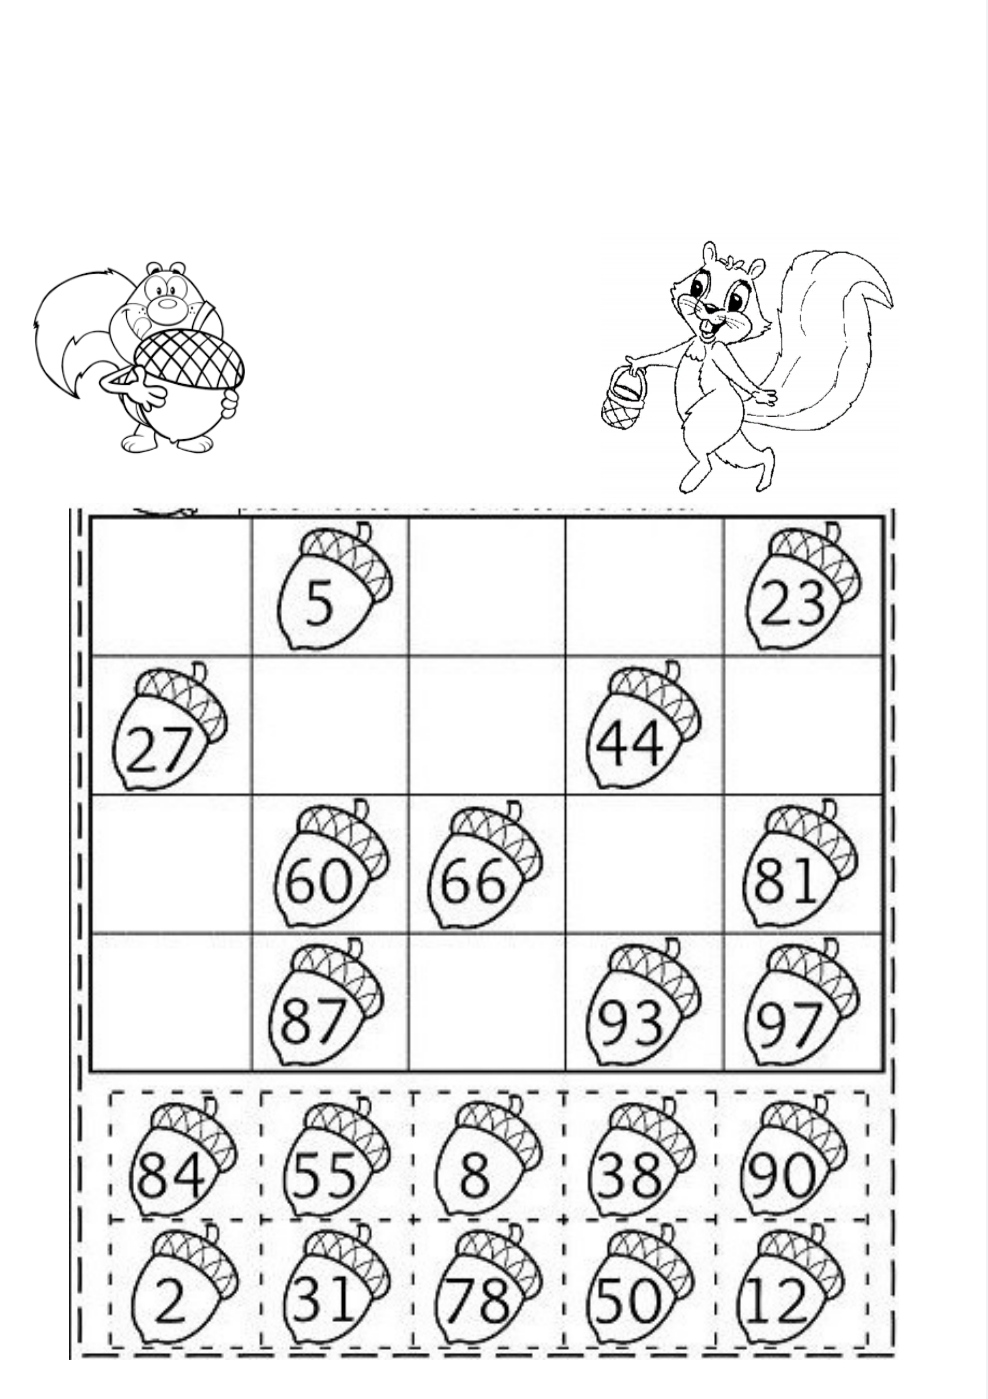 esercizi matematica seconda elementare da stampare Matematica creativa con ghiande e scoiattoli